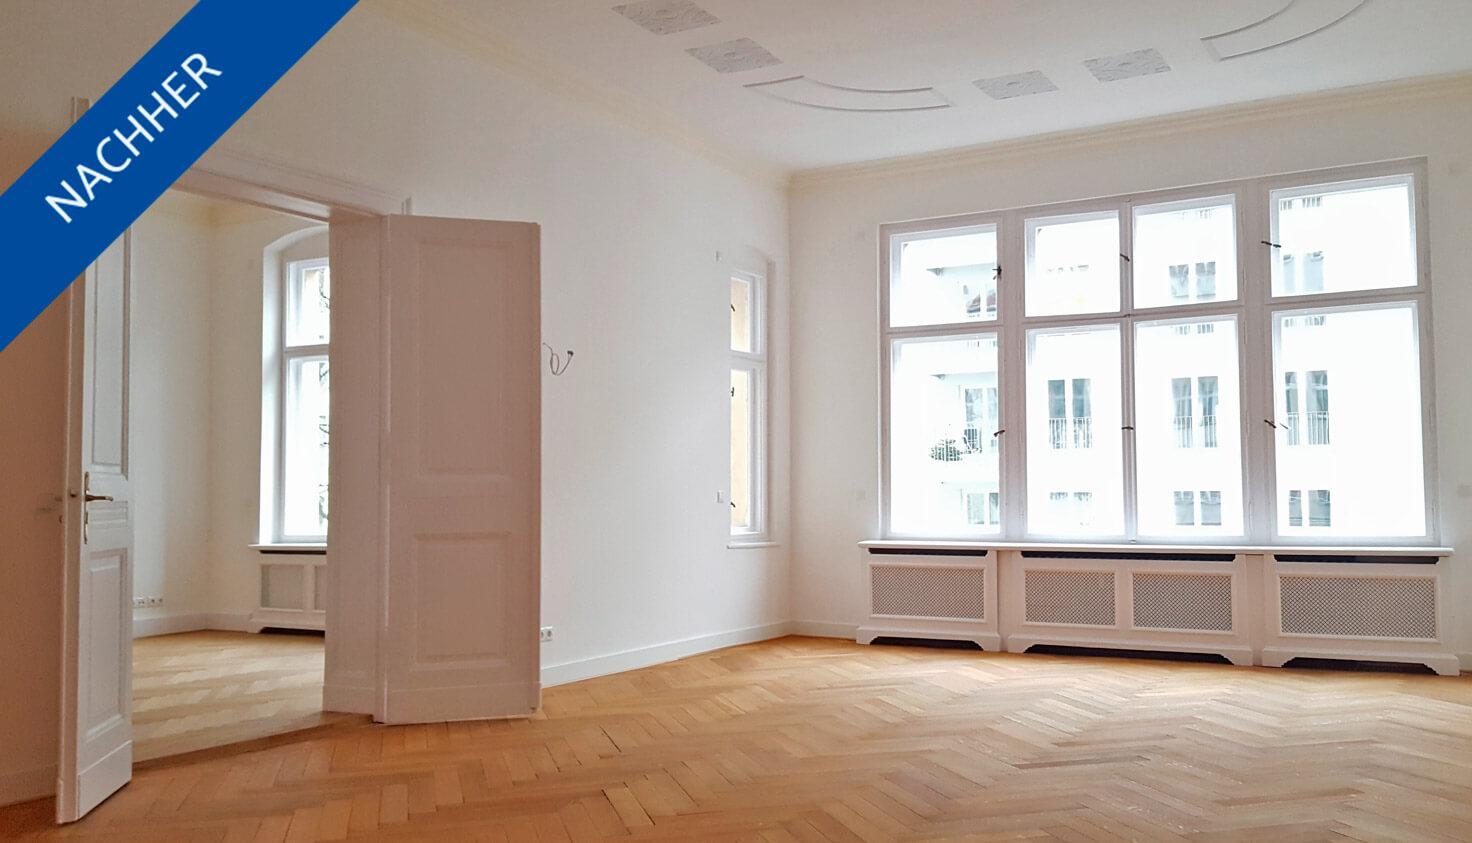 Halberstädter Straße - Referenz Malerbetrieb Kluge Berlin